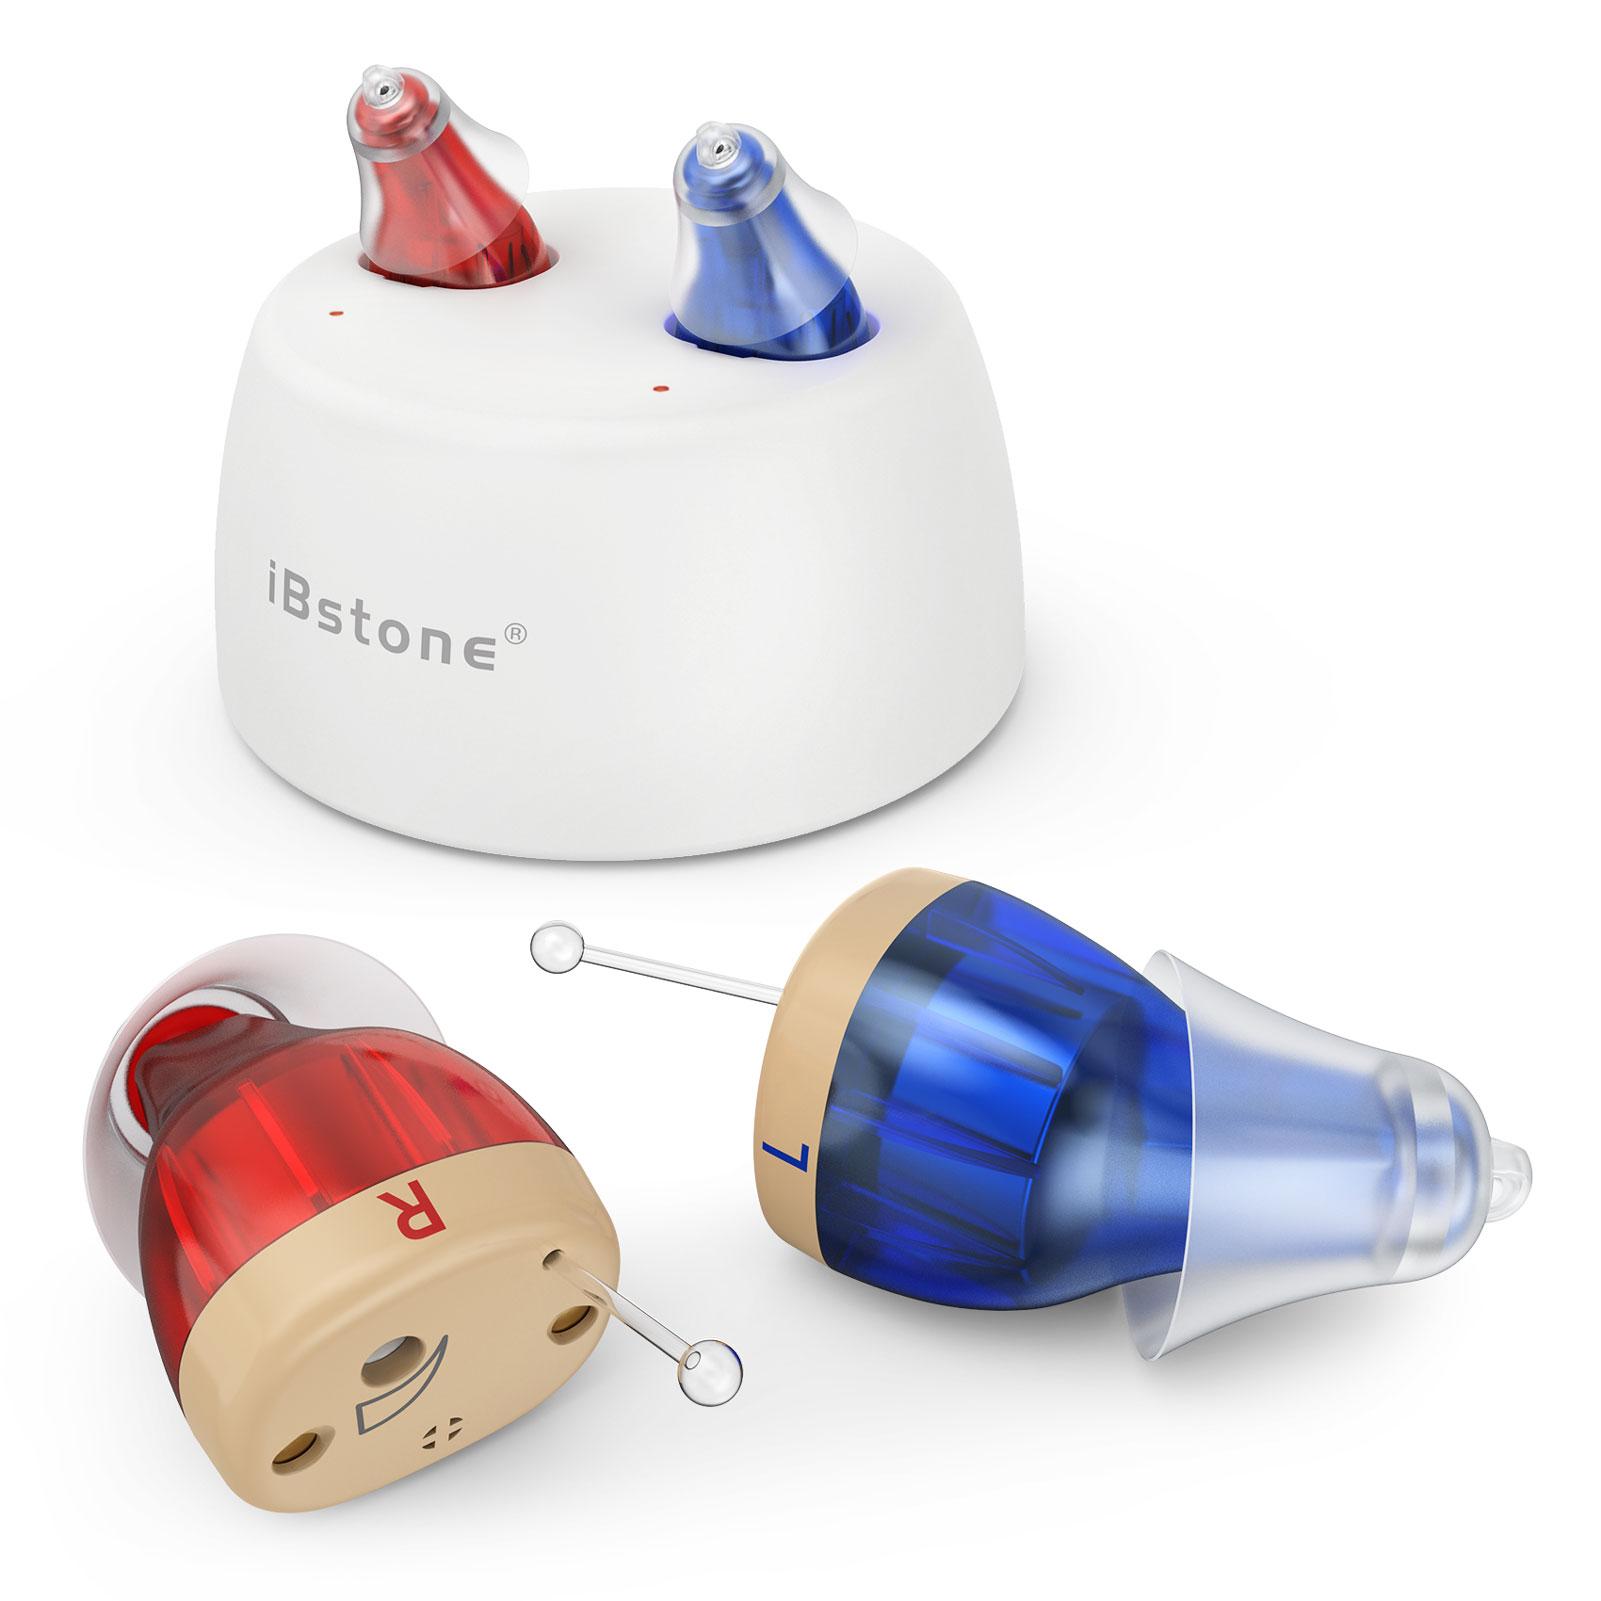 iBstone K17 hearing aids